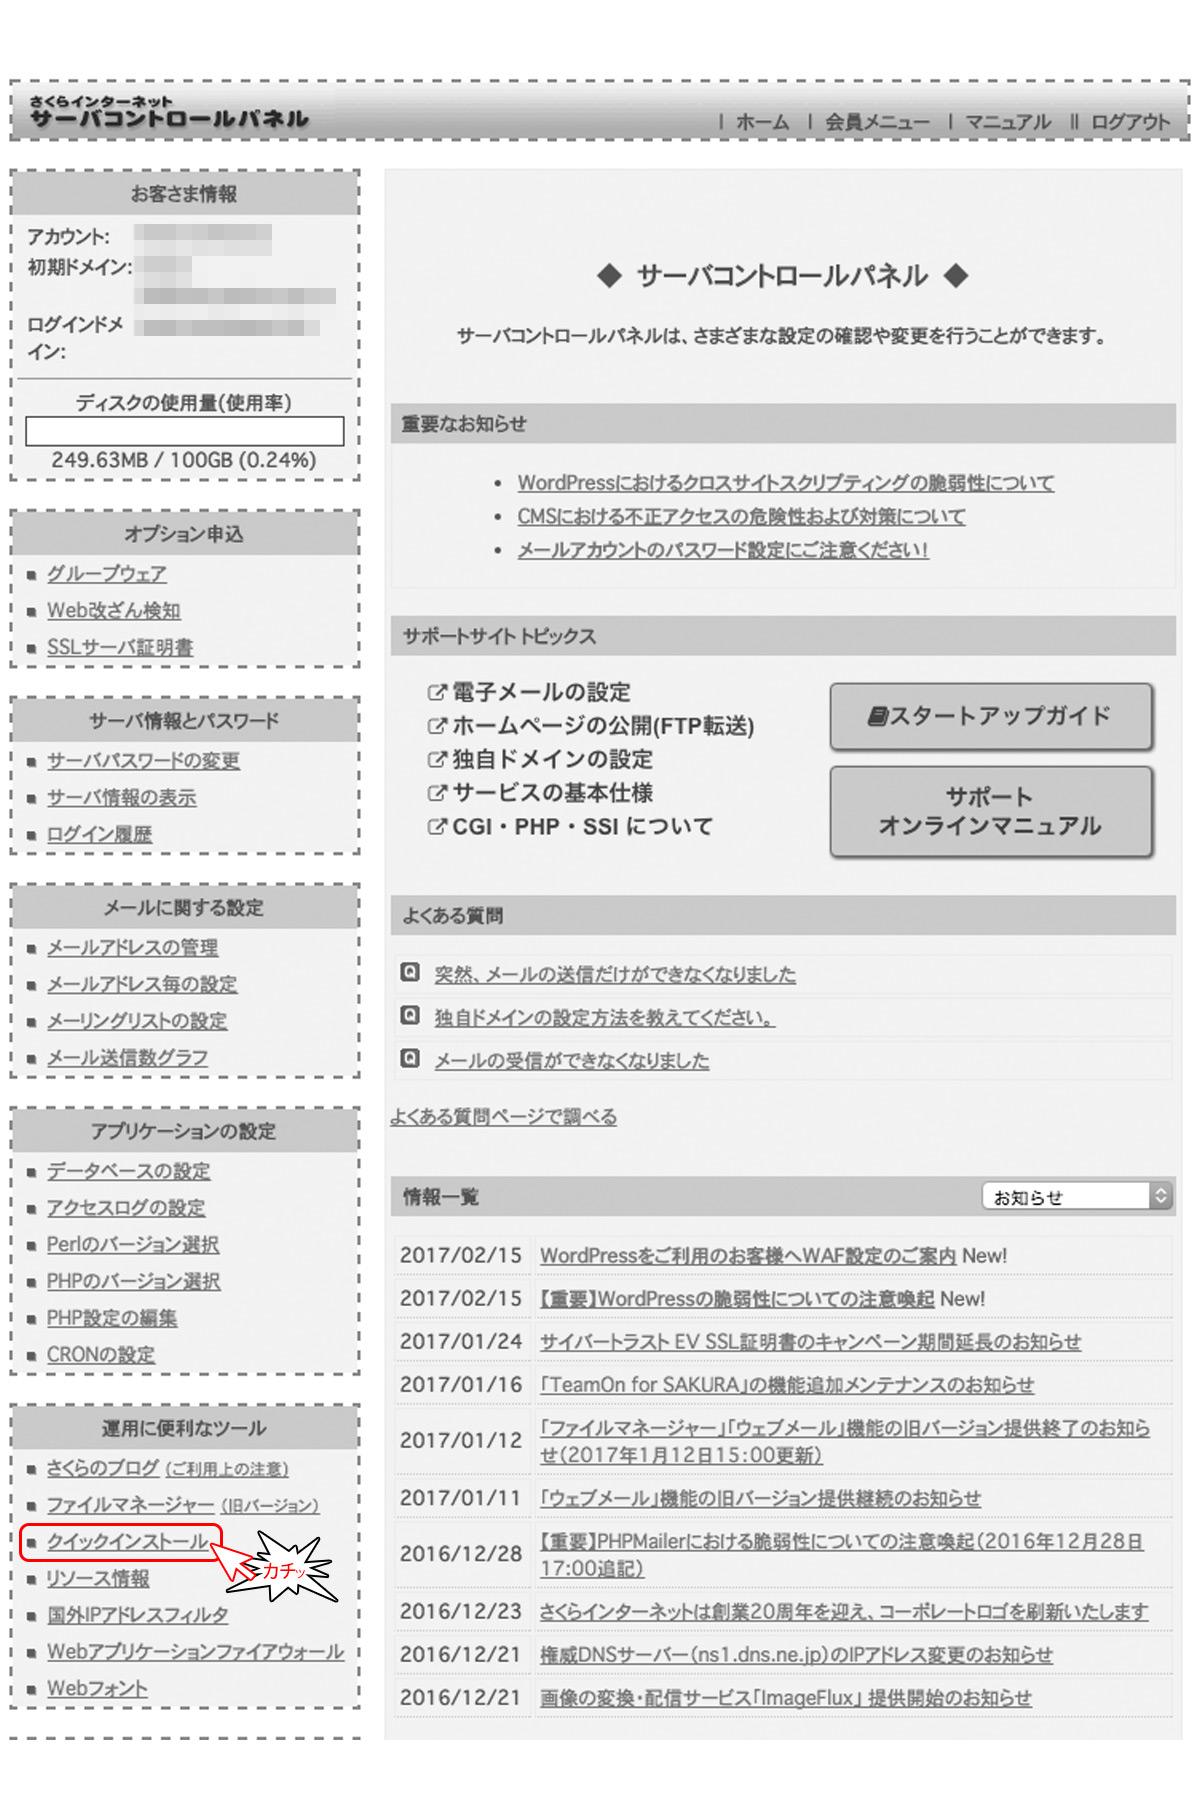 レンタルサーバー管理画面 WordPressかんたんインストール1